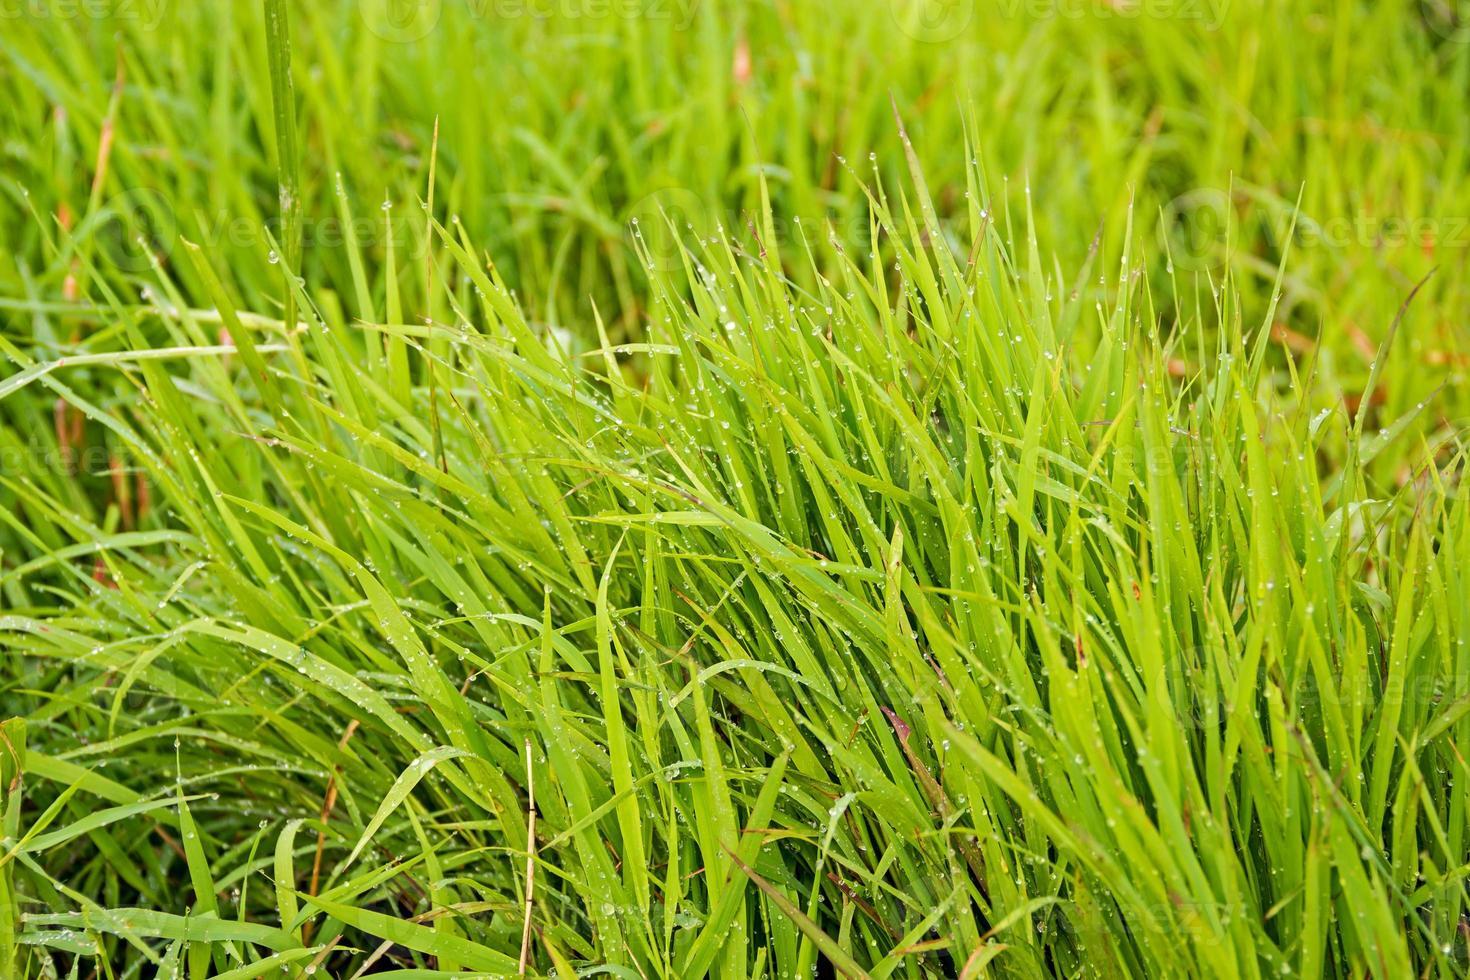 gröna skott av vårgräs i vatten foto